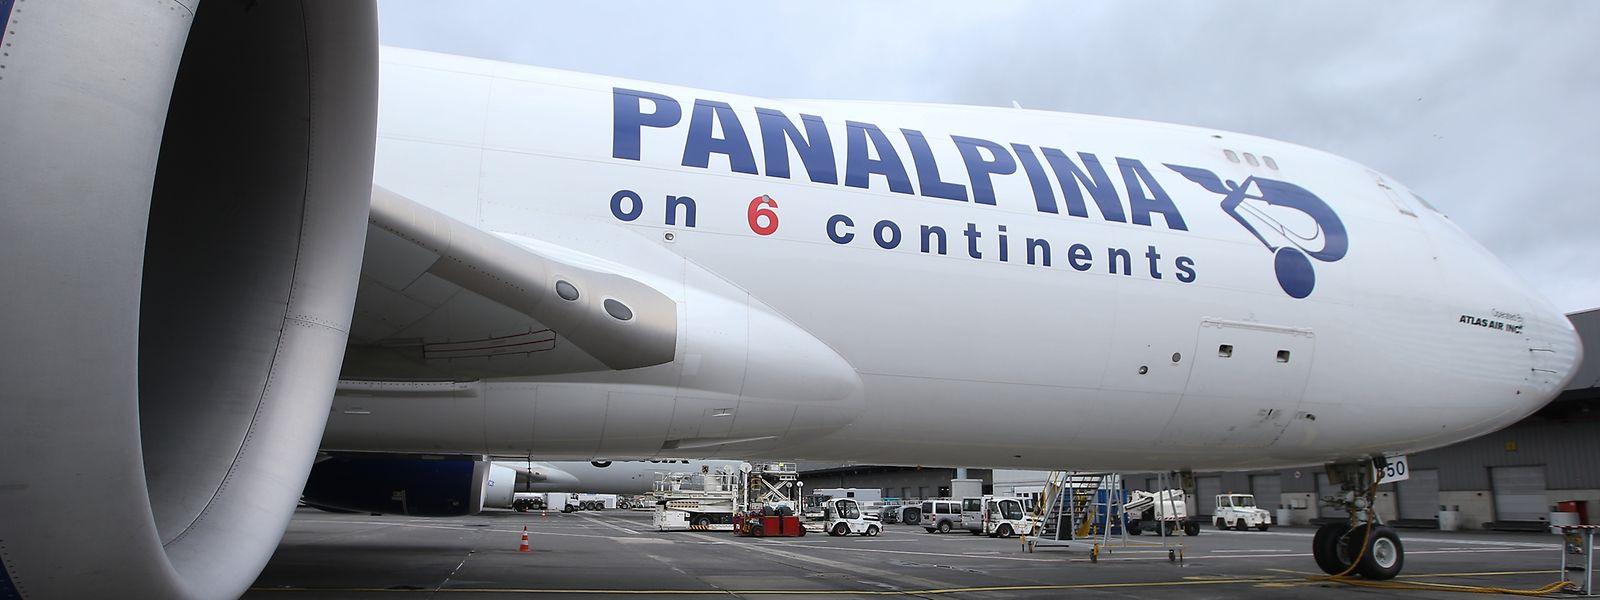 Bereits 1973 hat der Schweizer Transport- und Logistikdienstleister Panalpina in Luxemburg seine ersten Aktivitäten mit Charterflügen nach Westafrika aufgenommen.